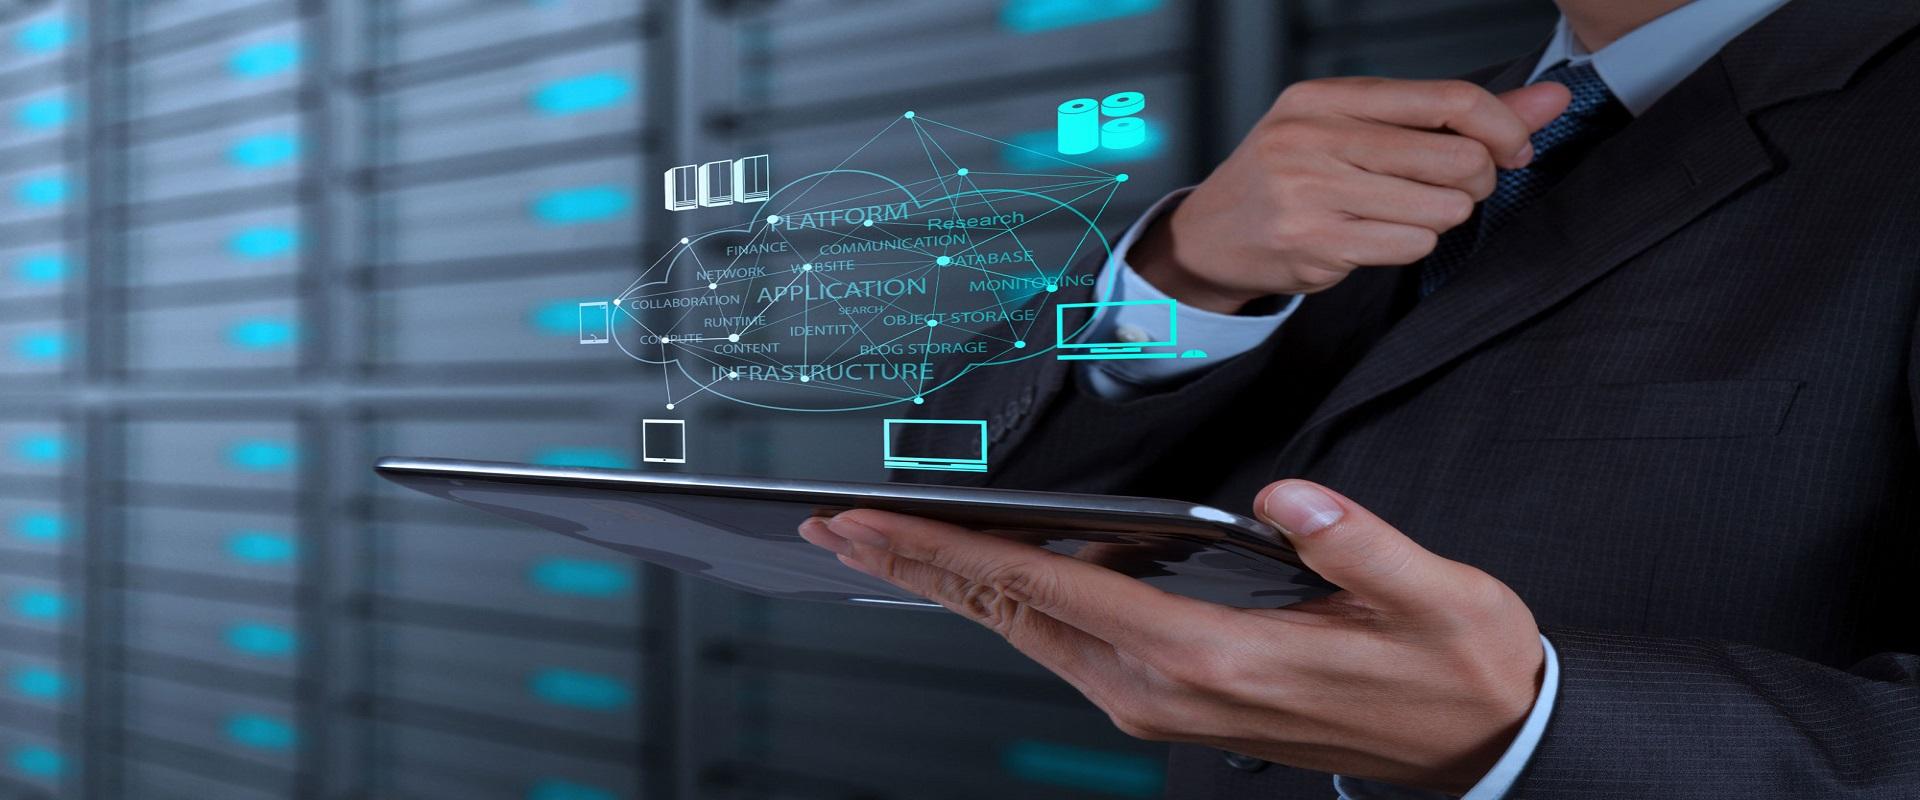 Connectica.eu - Software, Sistemi, Sviluppo